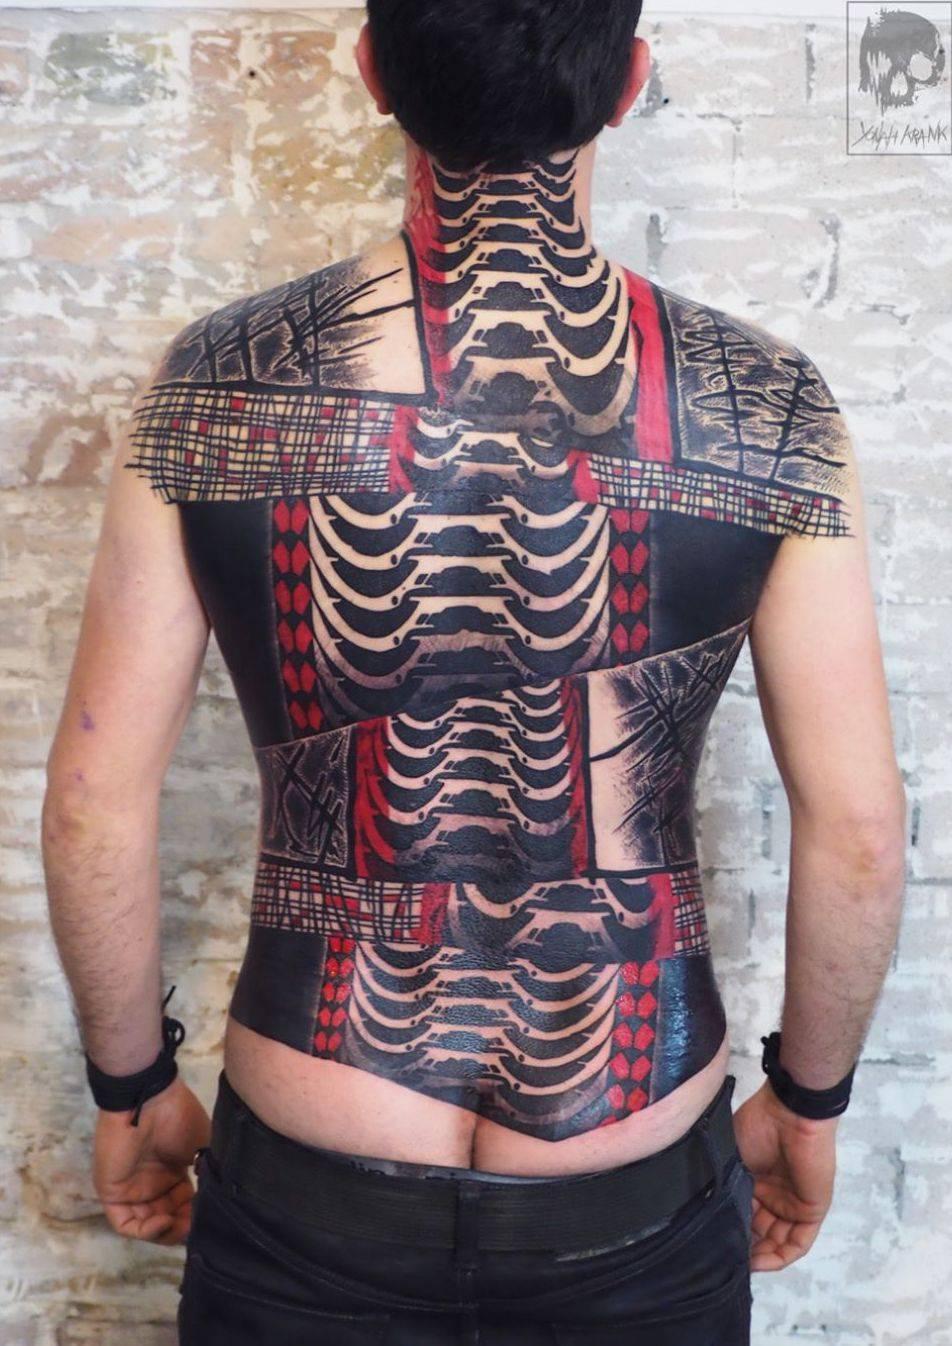 Тату мастер Yonah Krank, черная абстрактная татуировка   Бельгия